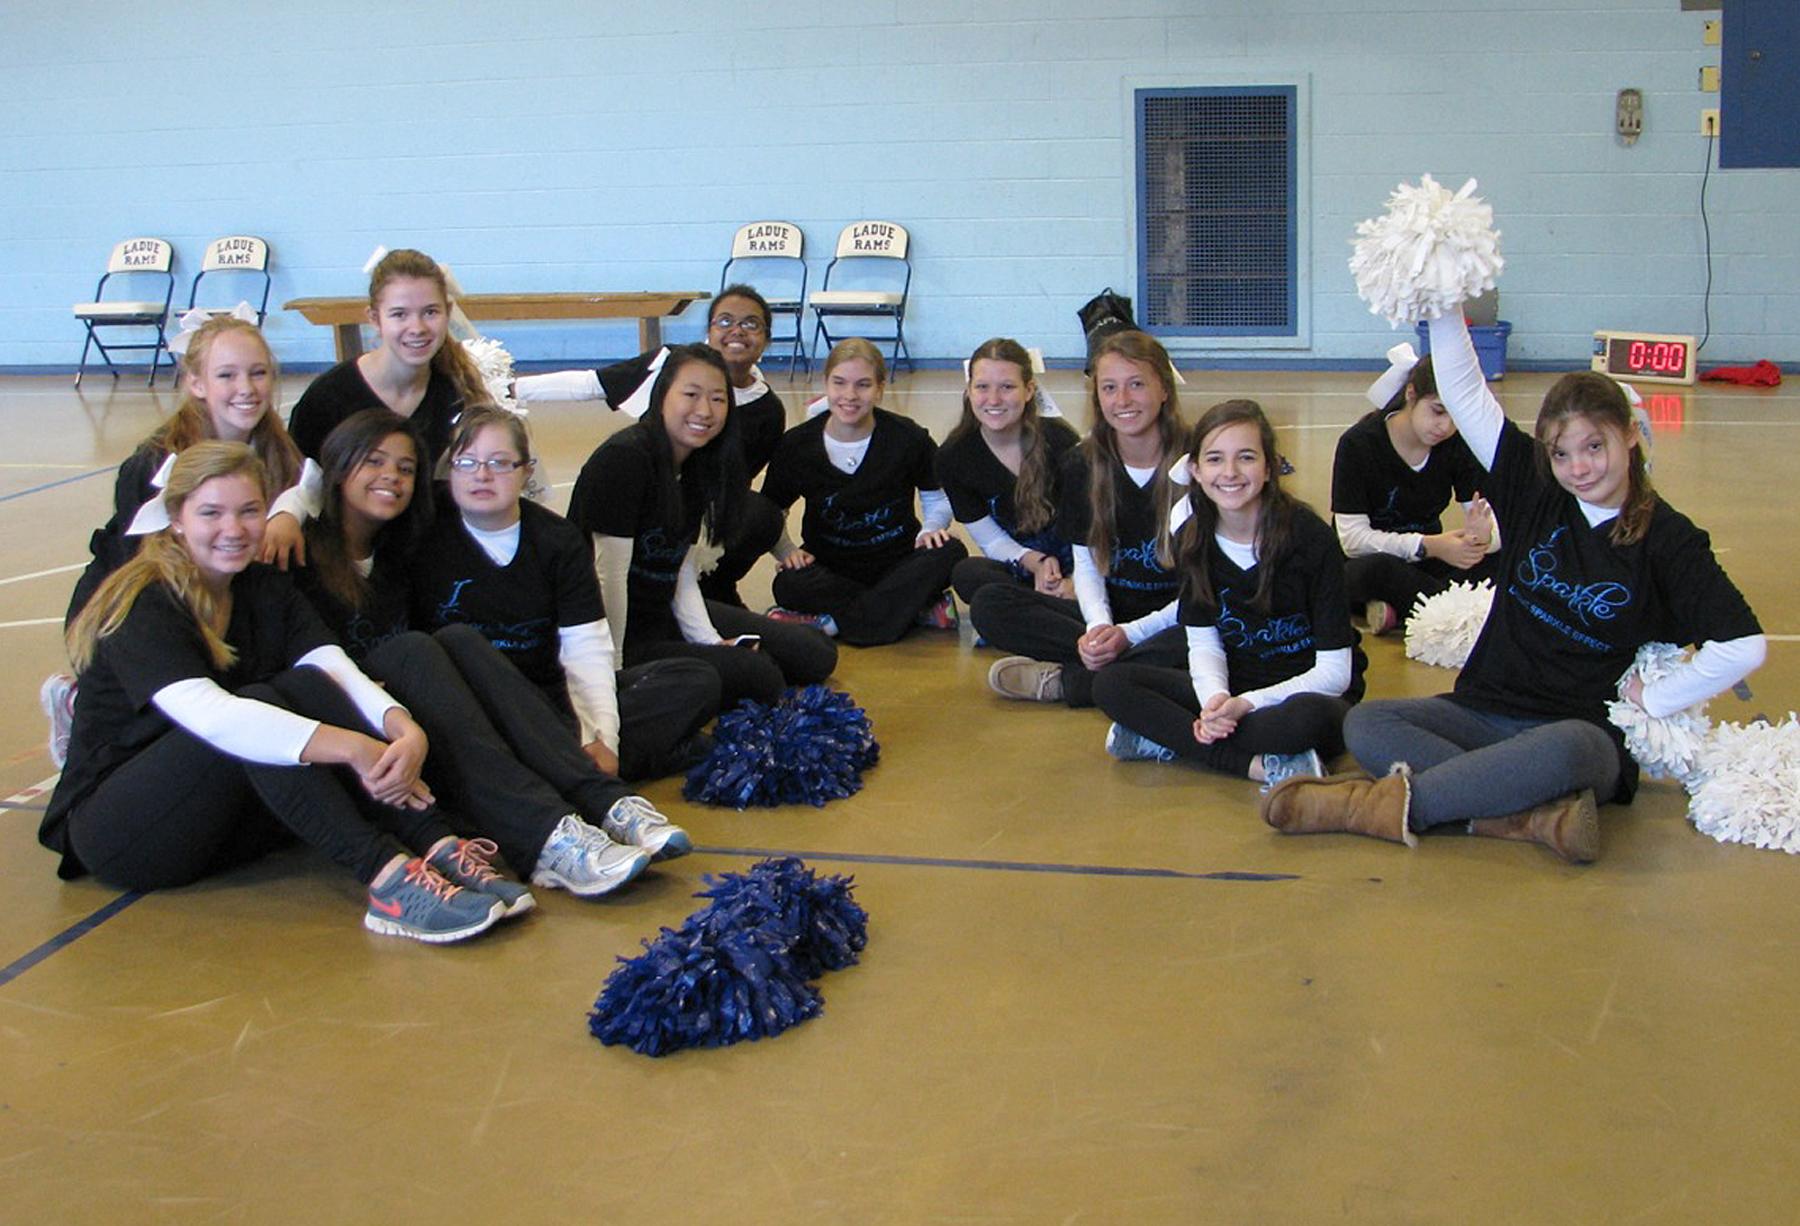 Members of LHWHS Sparkle Effect Cheerleaders